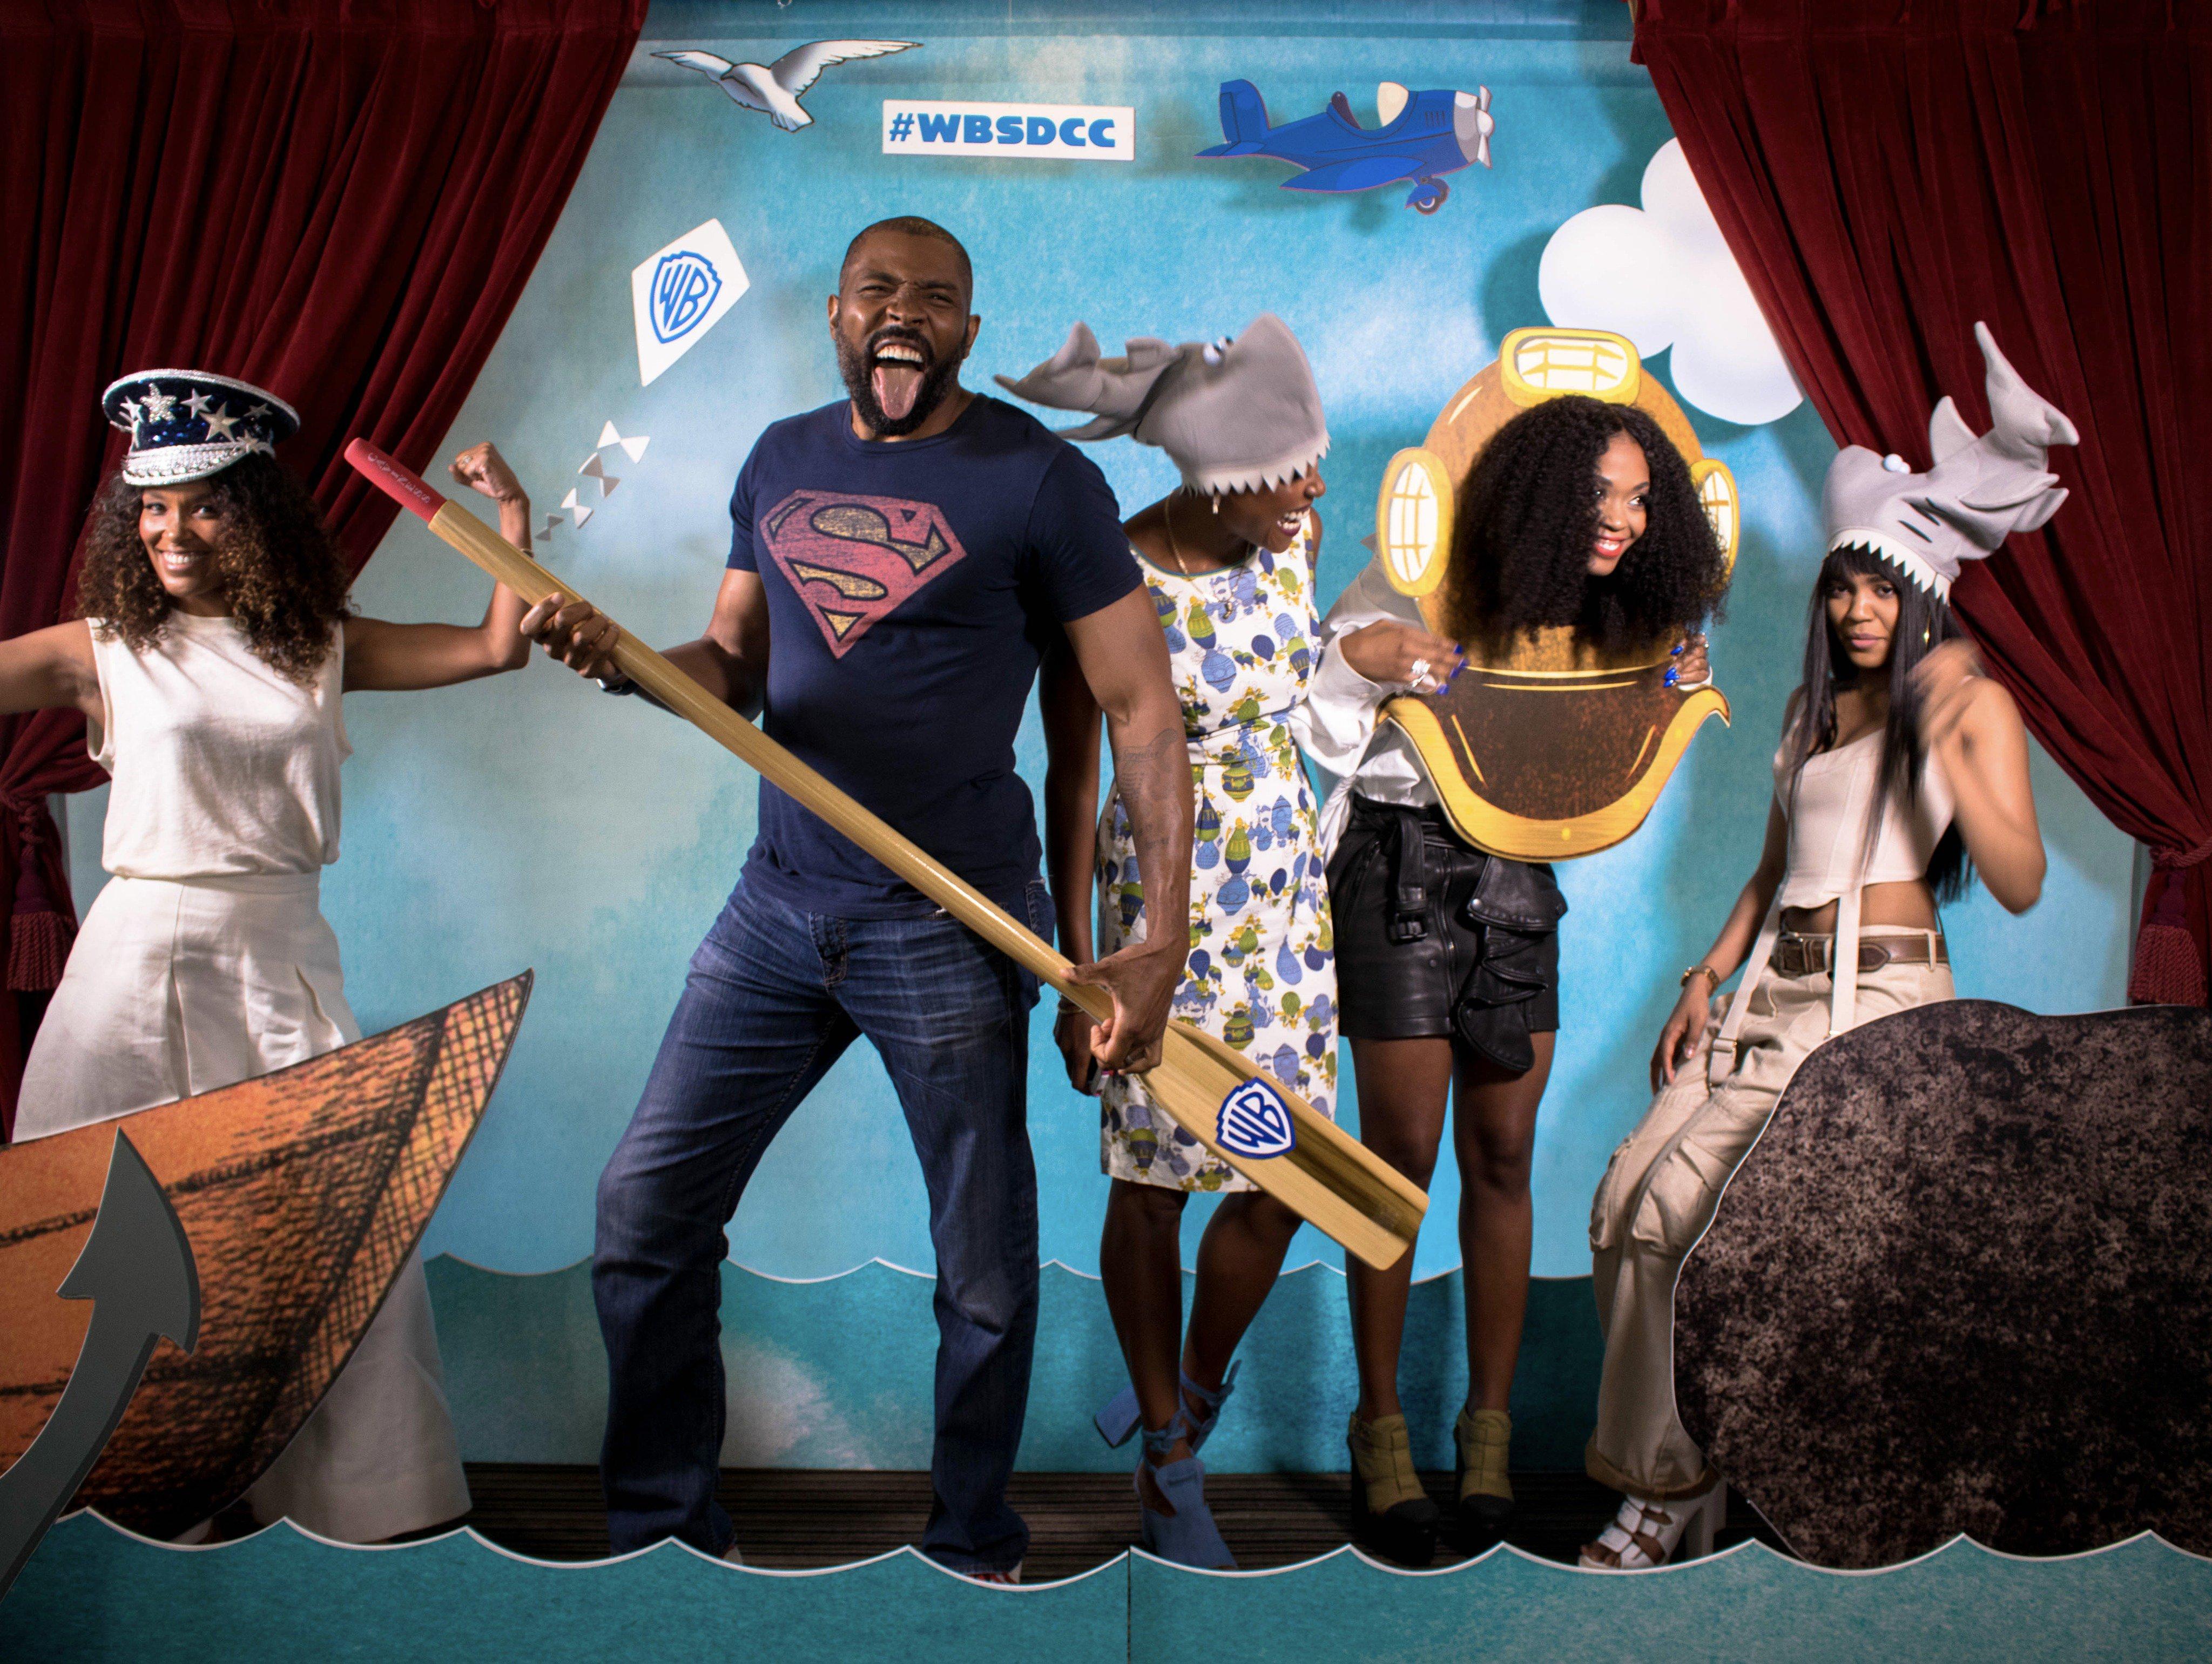 A BLACK LIGHTNING szereplői a jókedvüket is magukkal hozták a Warner Bros. jachtjára a 2017-es Comic-Con szombatján, július 22-én.